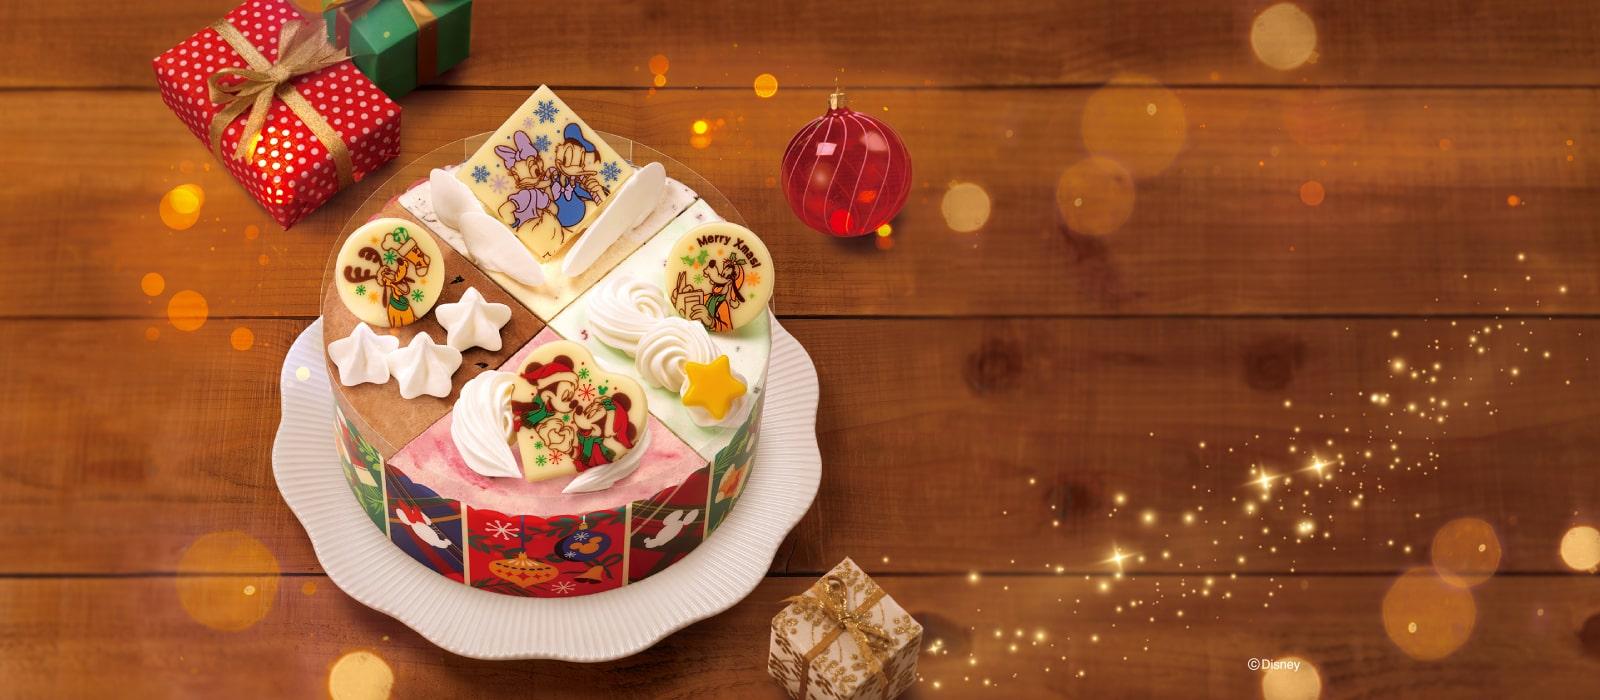 「サーティワンアイスクリーム」ディズニーのクリスマスケーキ